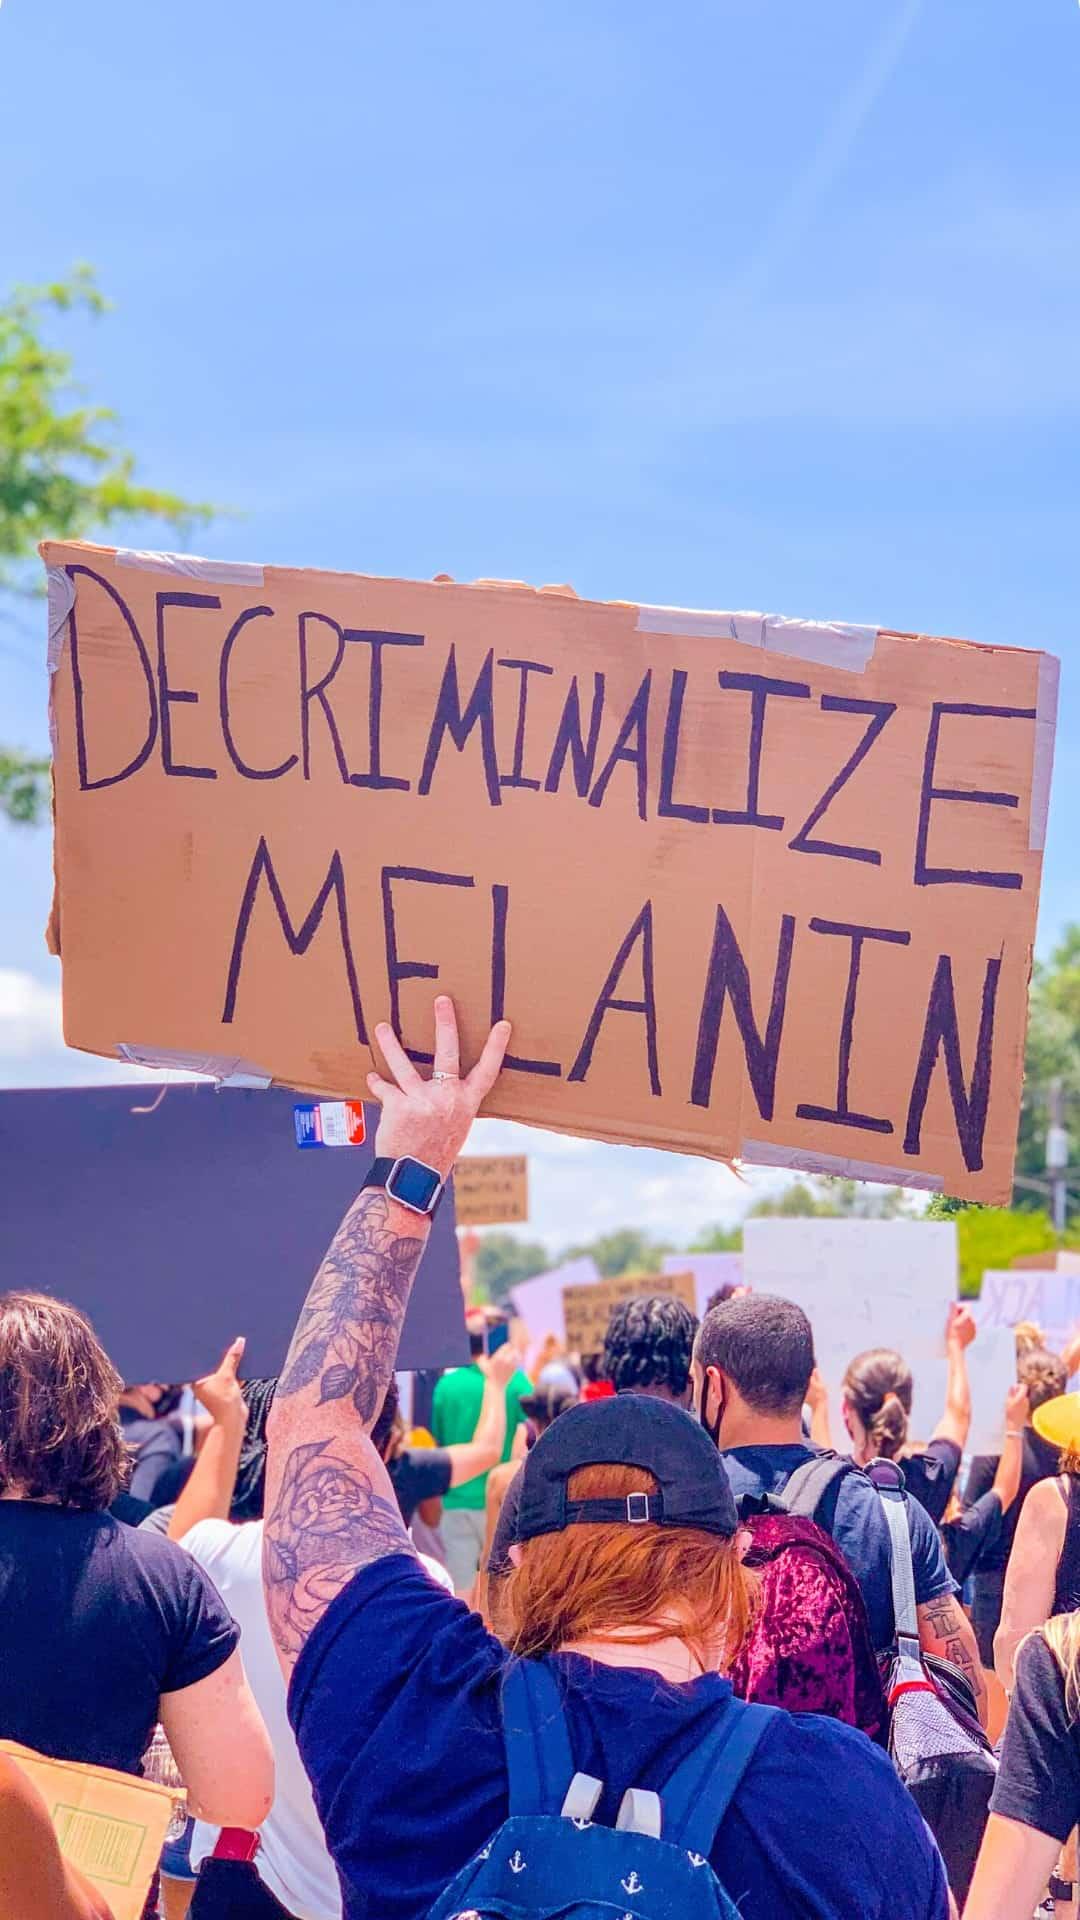 decriminalize melanin protest sign